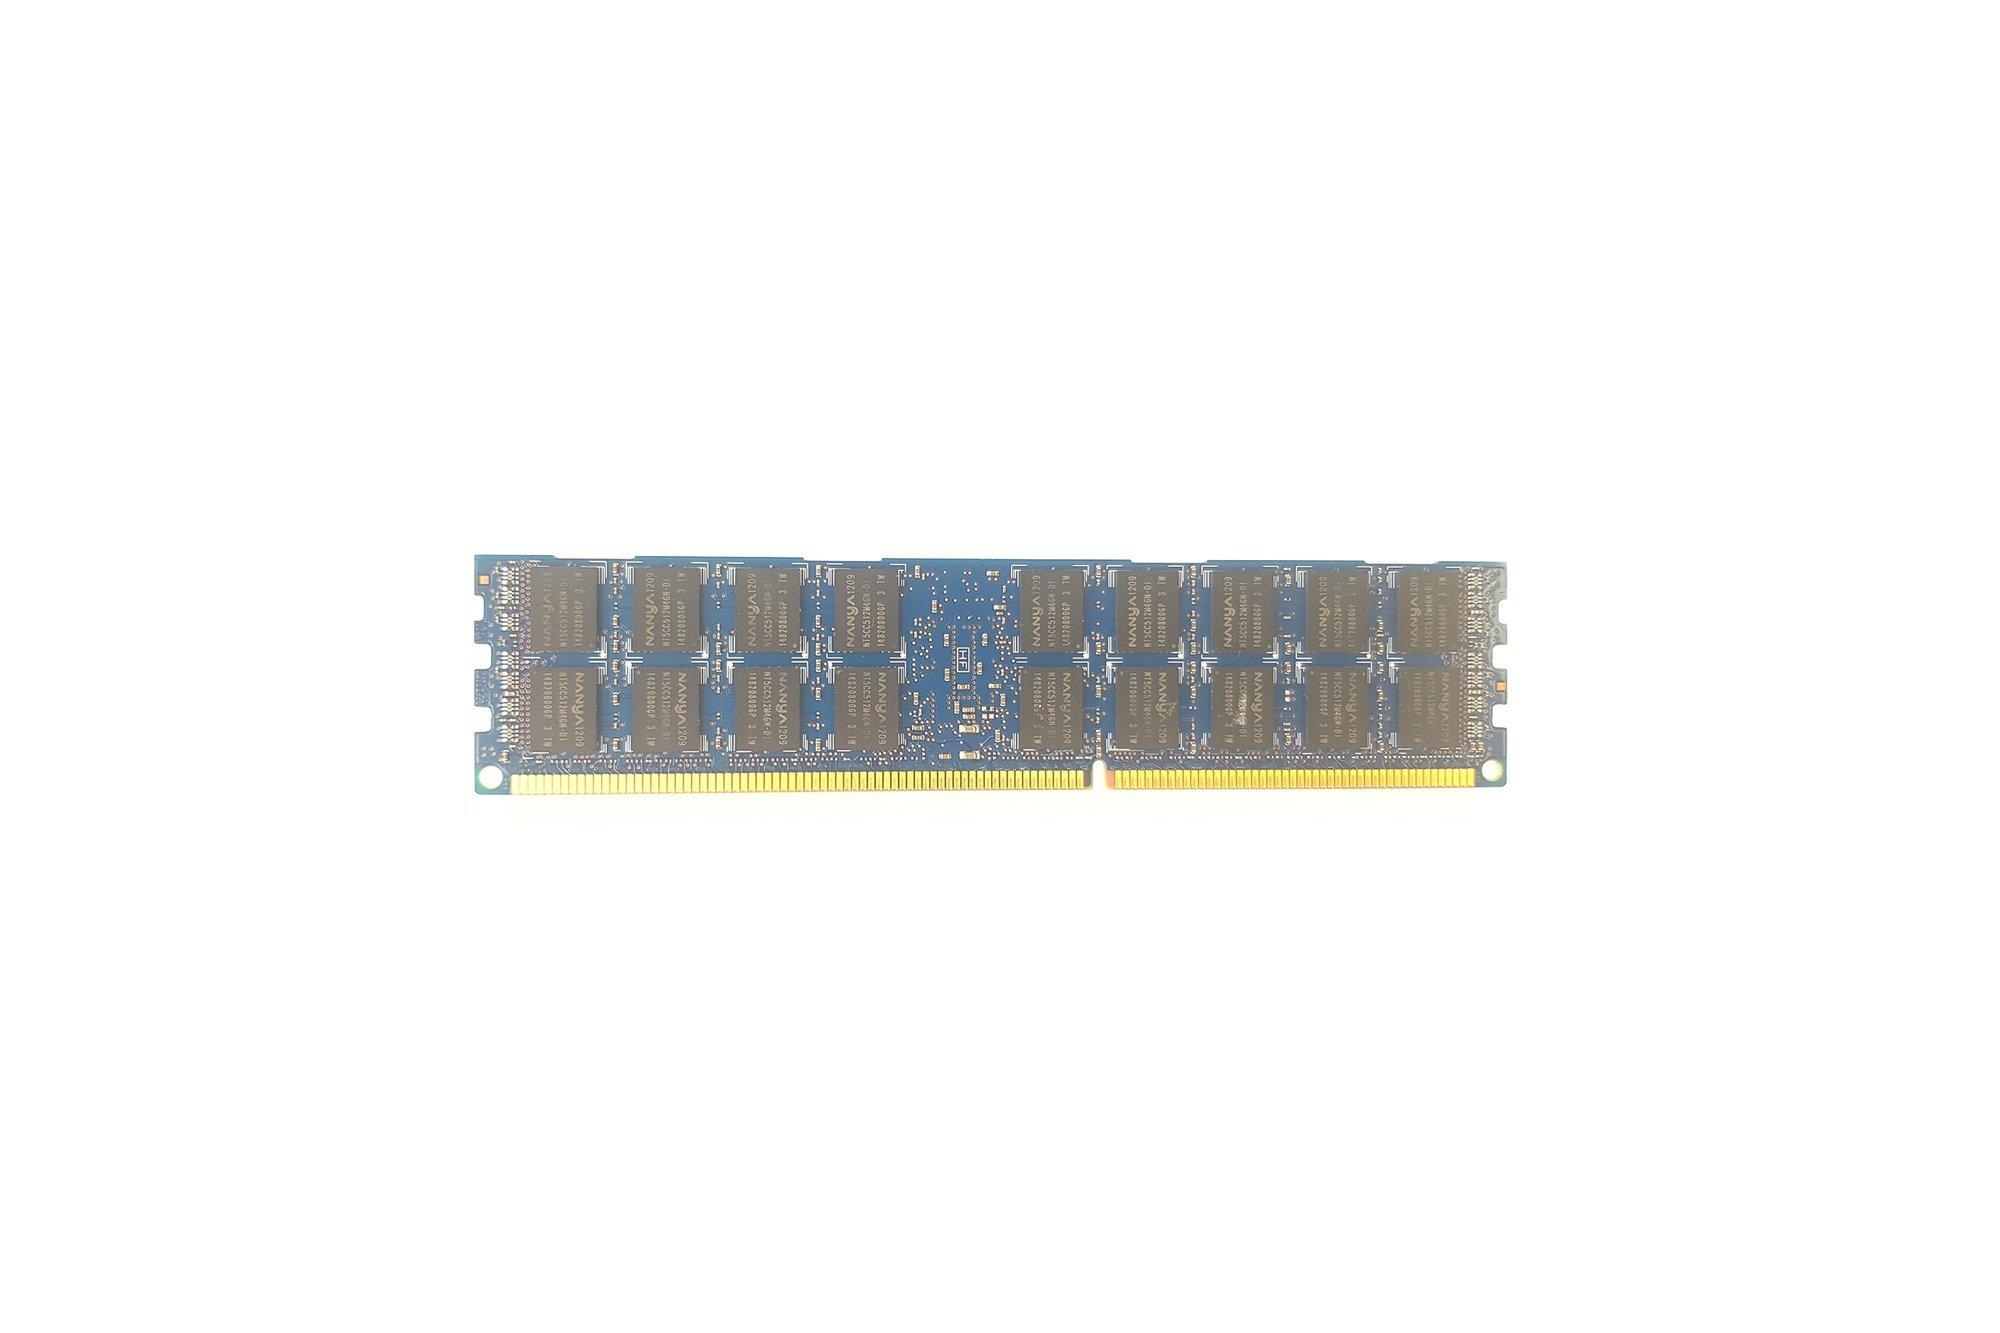 RAM Speicher Nanya 8GB DDR3 NT8GC72C4NG0NL-CG